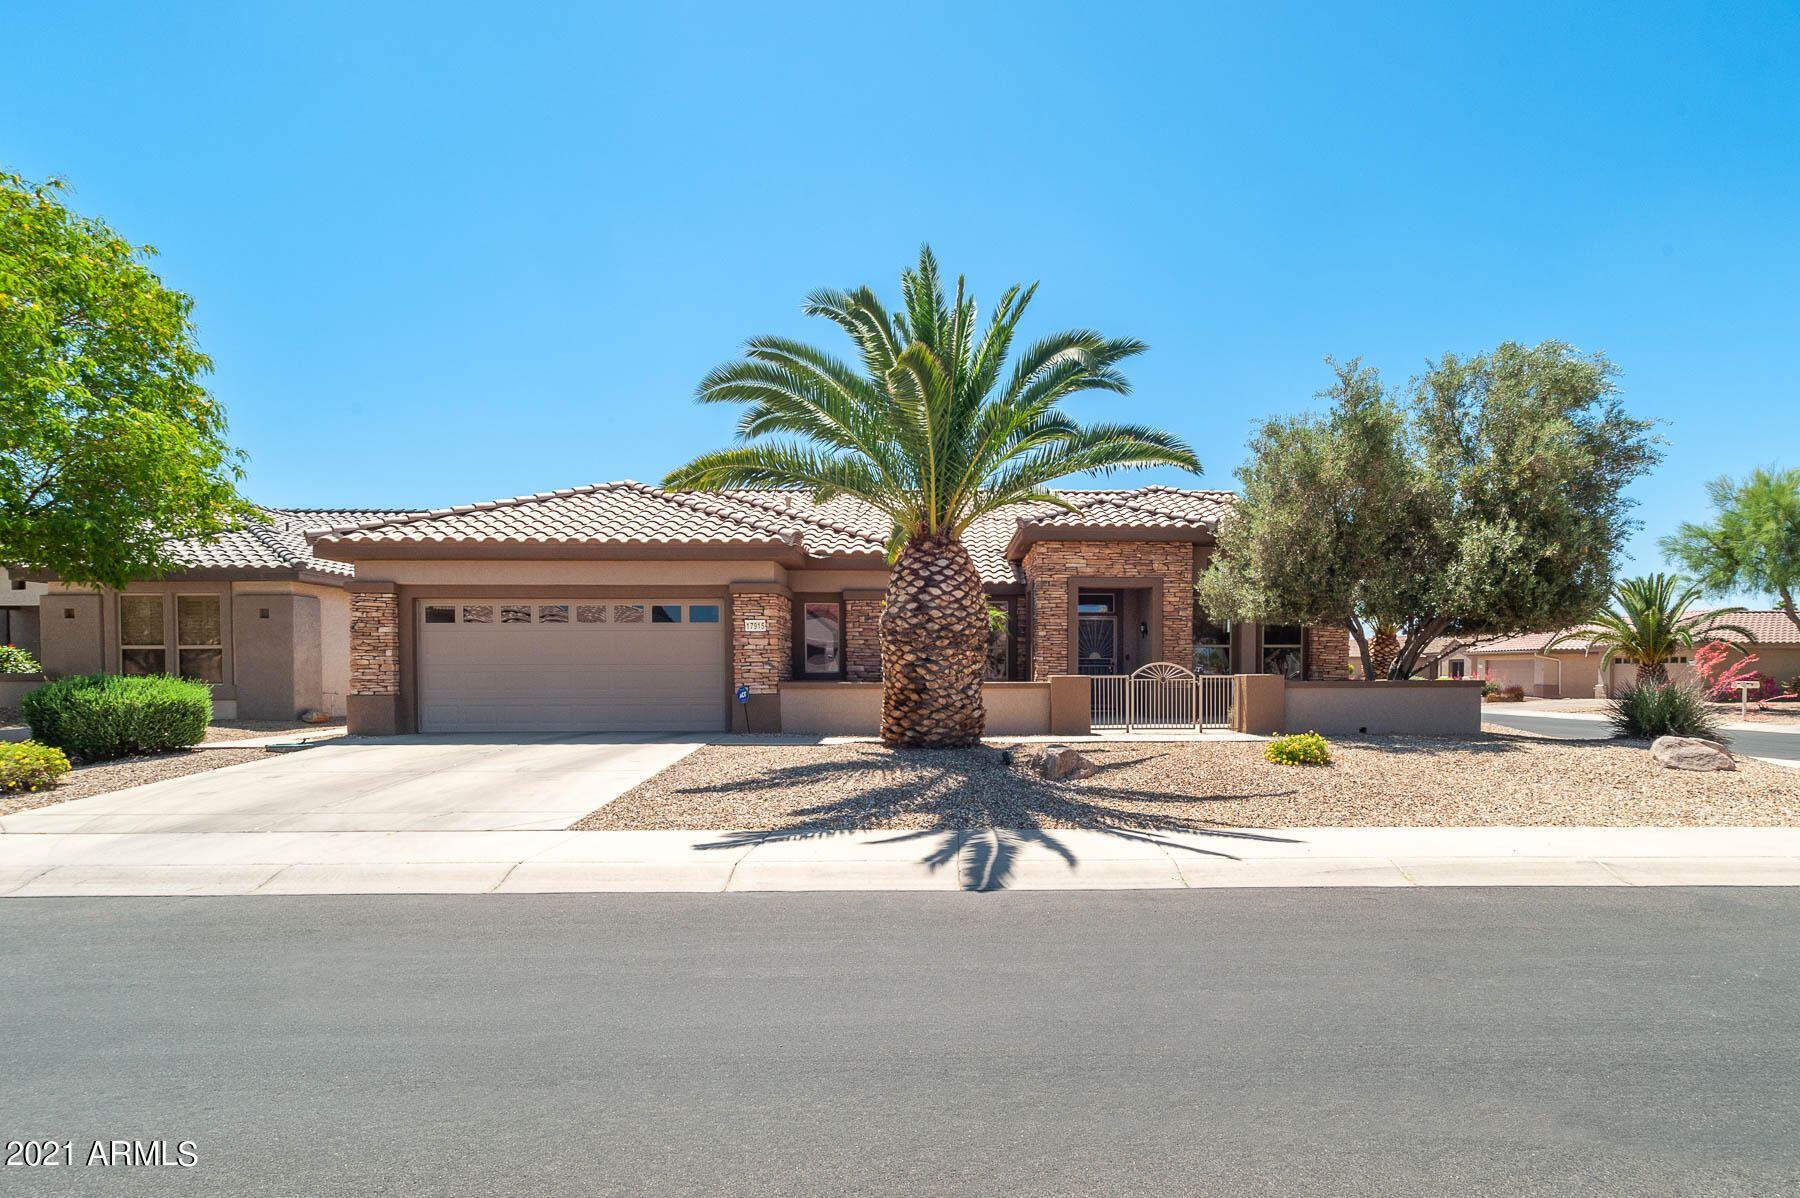 17915 N Catalina Court, Surprise, AZ 85374 - #: 6233133